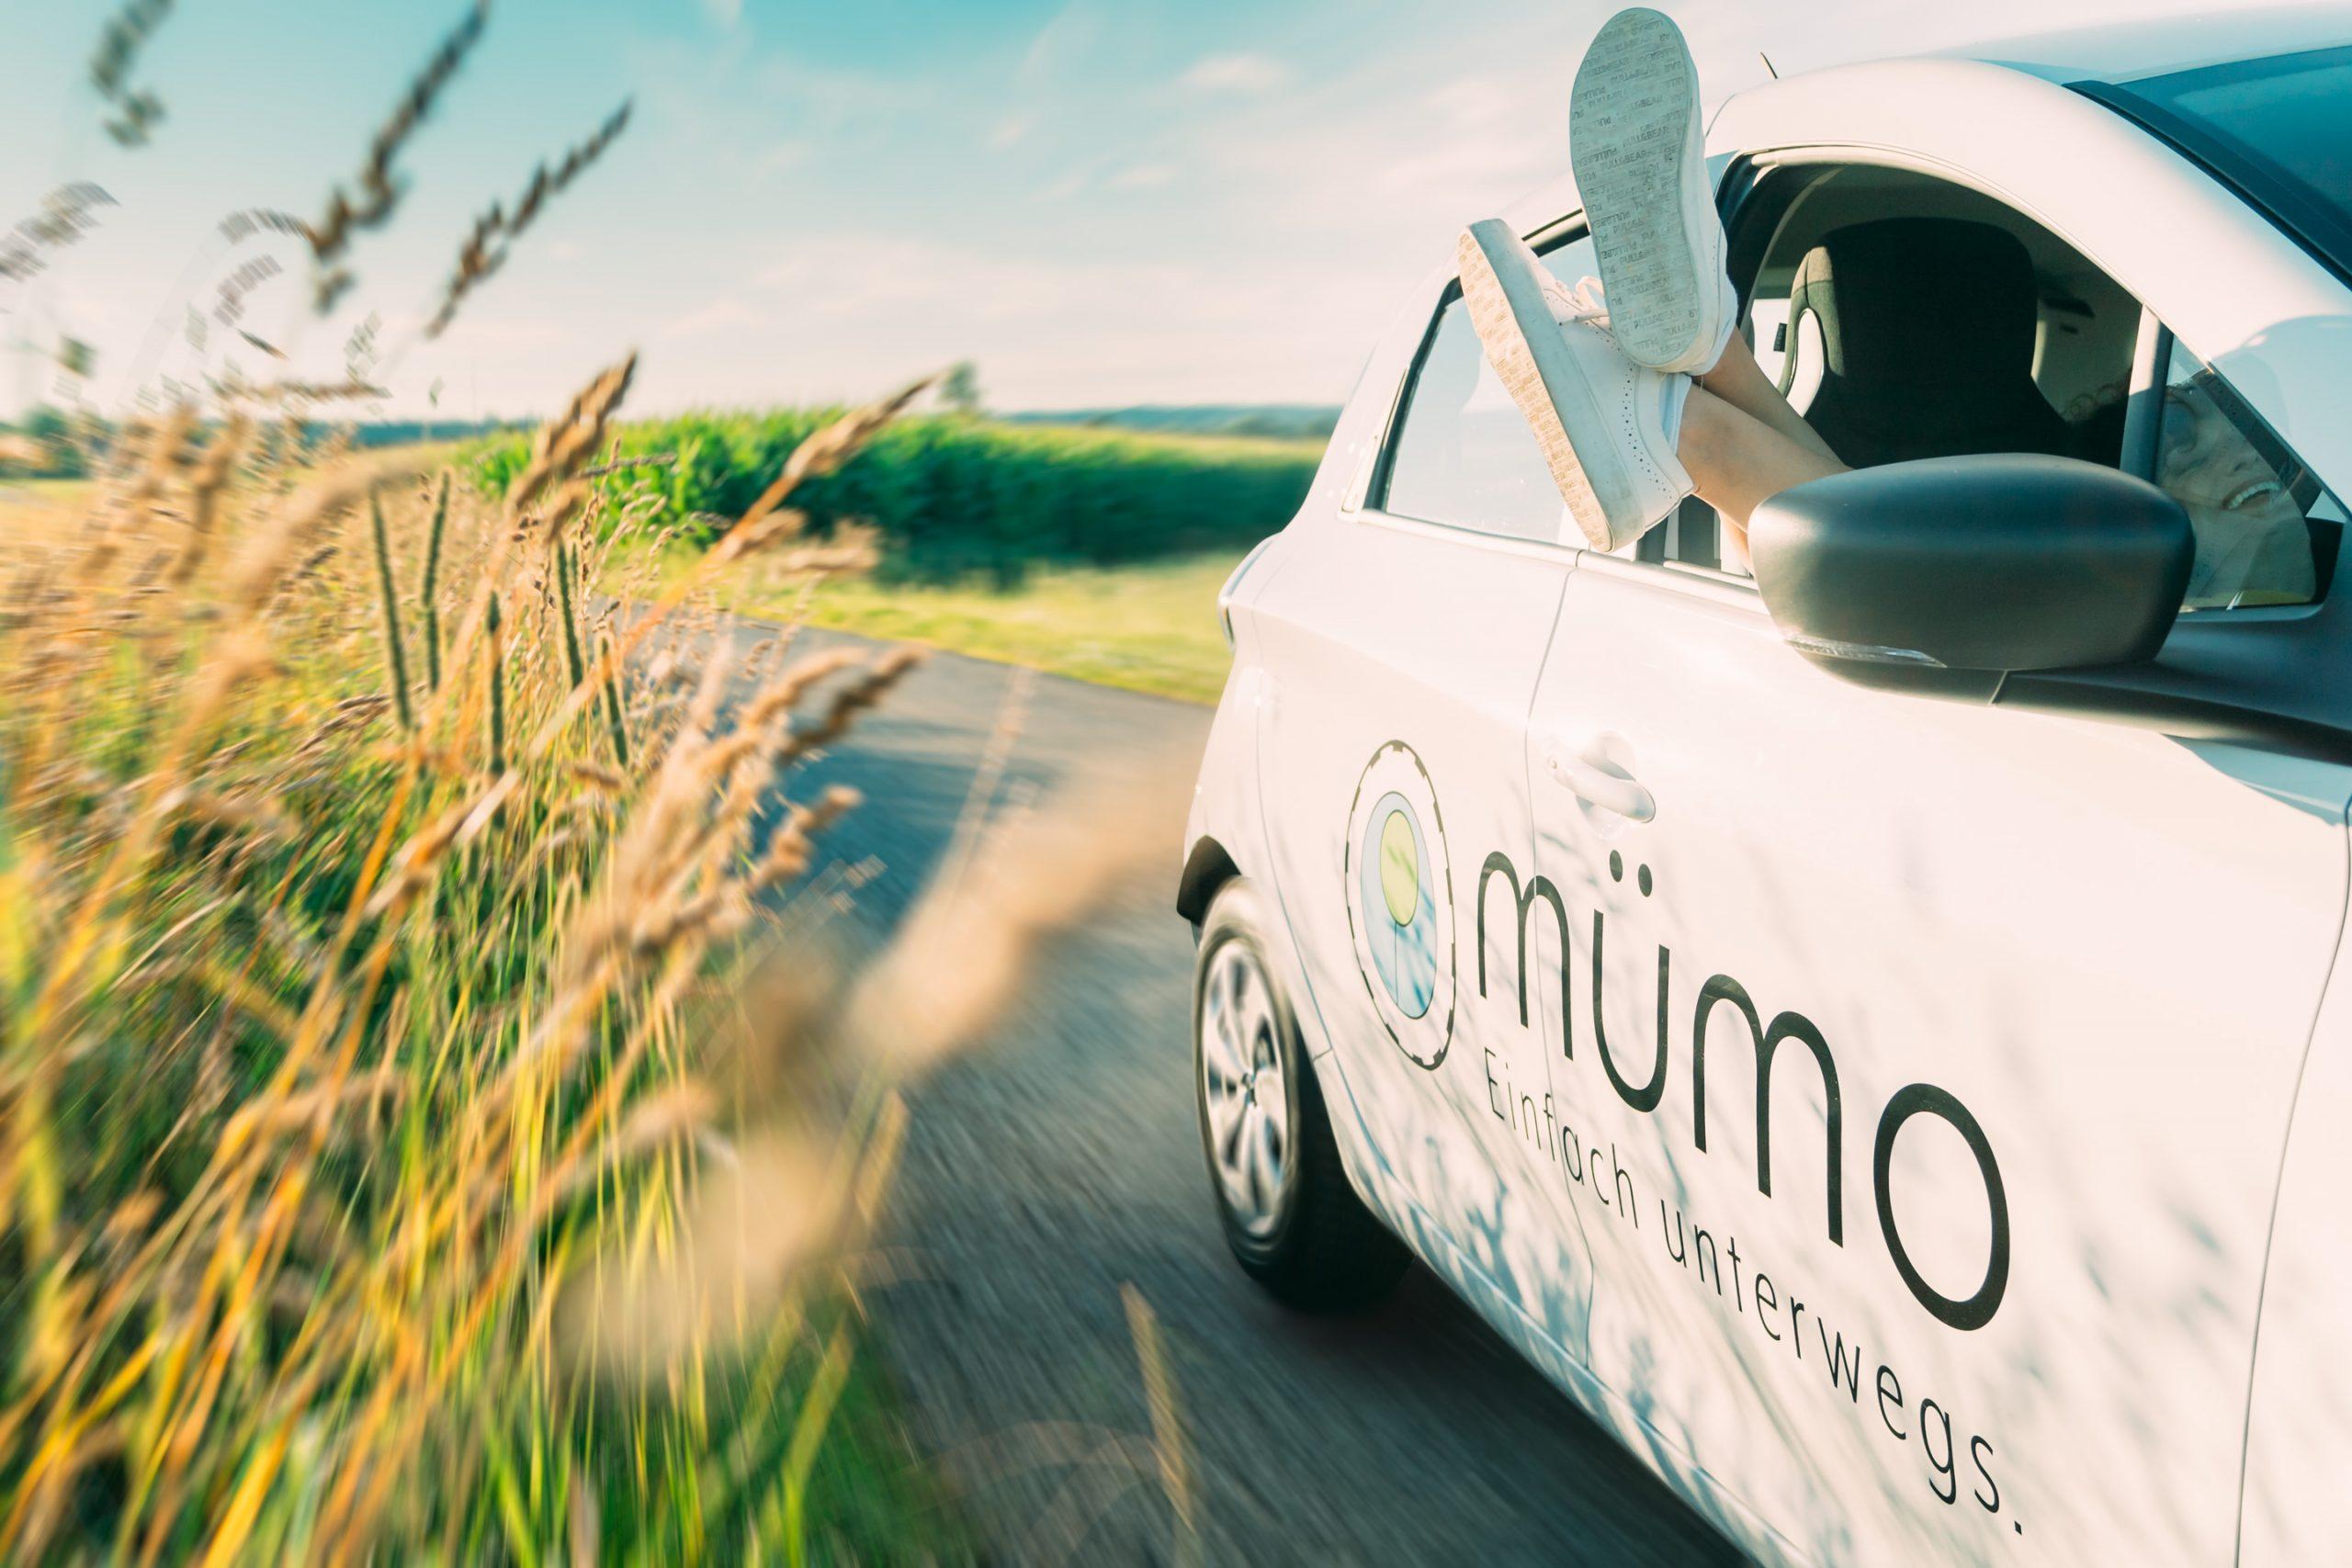 auf der Teerstraße im Feld mit dem Renault Zoe die Füße aus dem Beifahrerfenster Grinsen mit Motion Blur